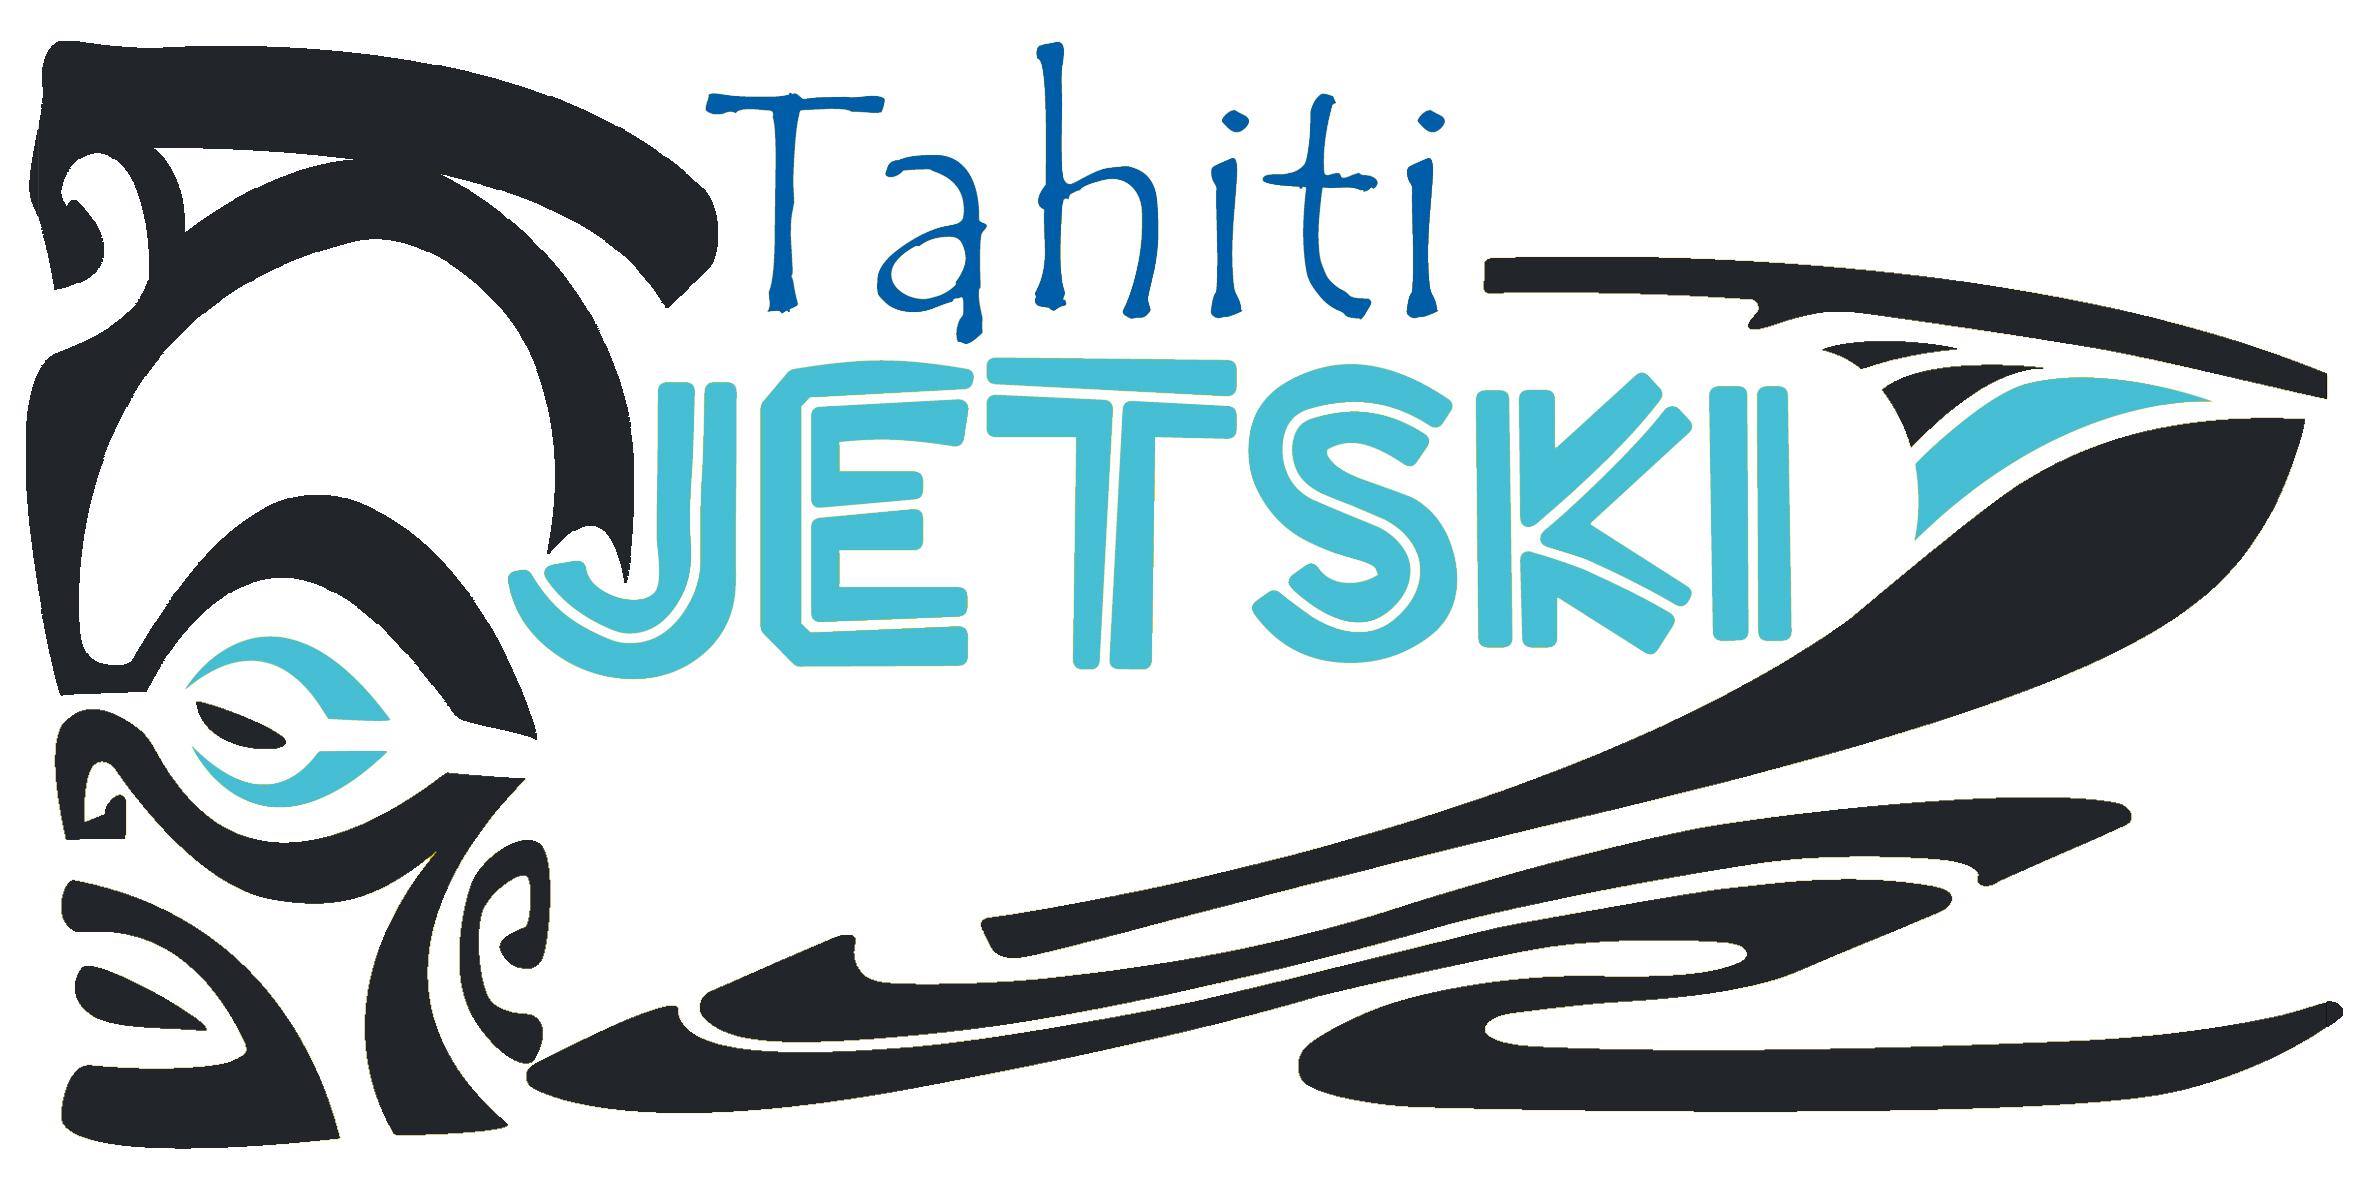 https://tahititourisme.kr/wp-content/uploads/2017/08/logo-transfert.jpg